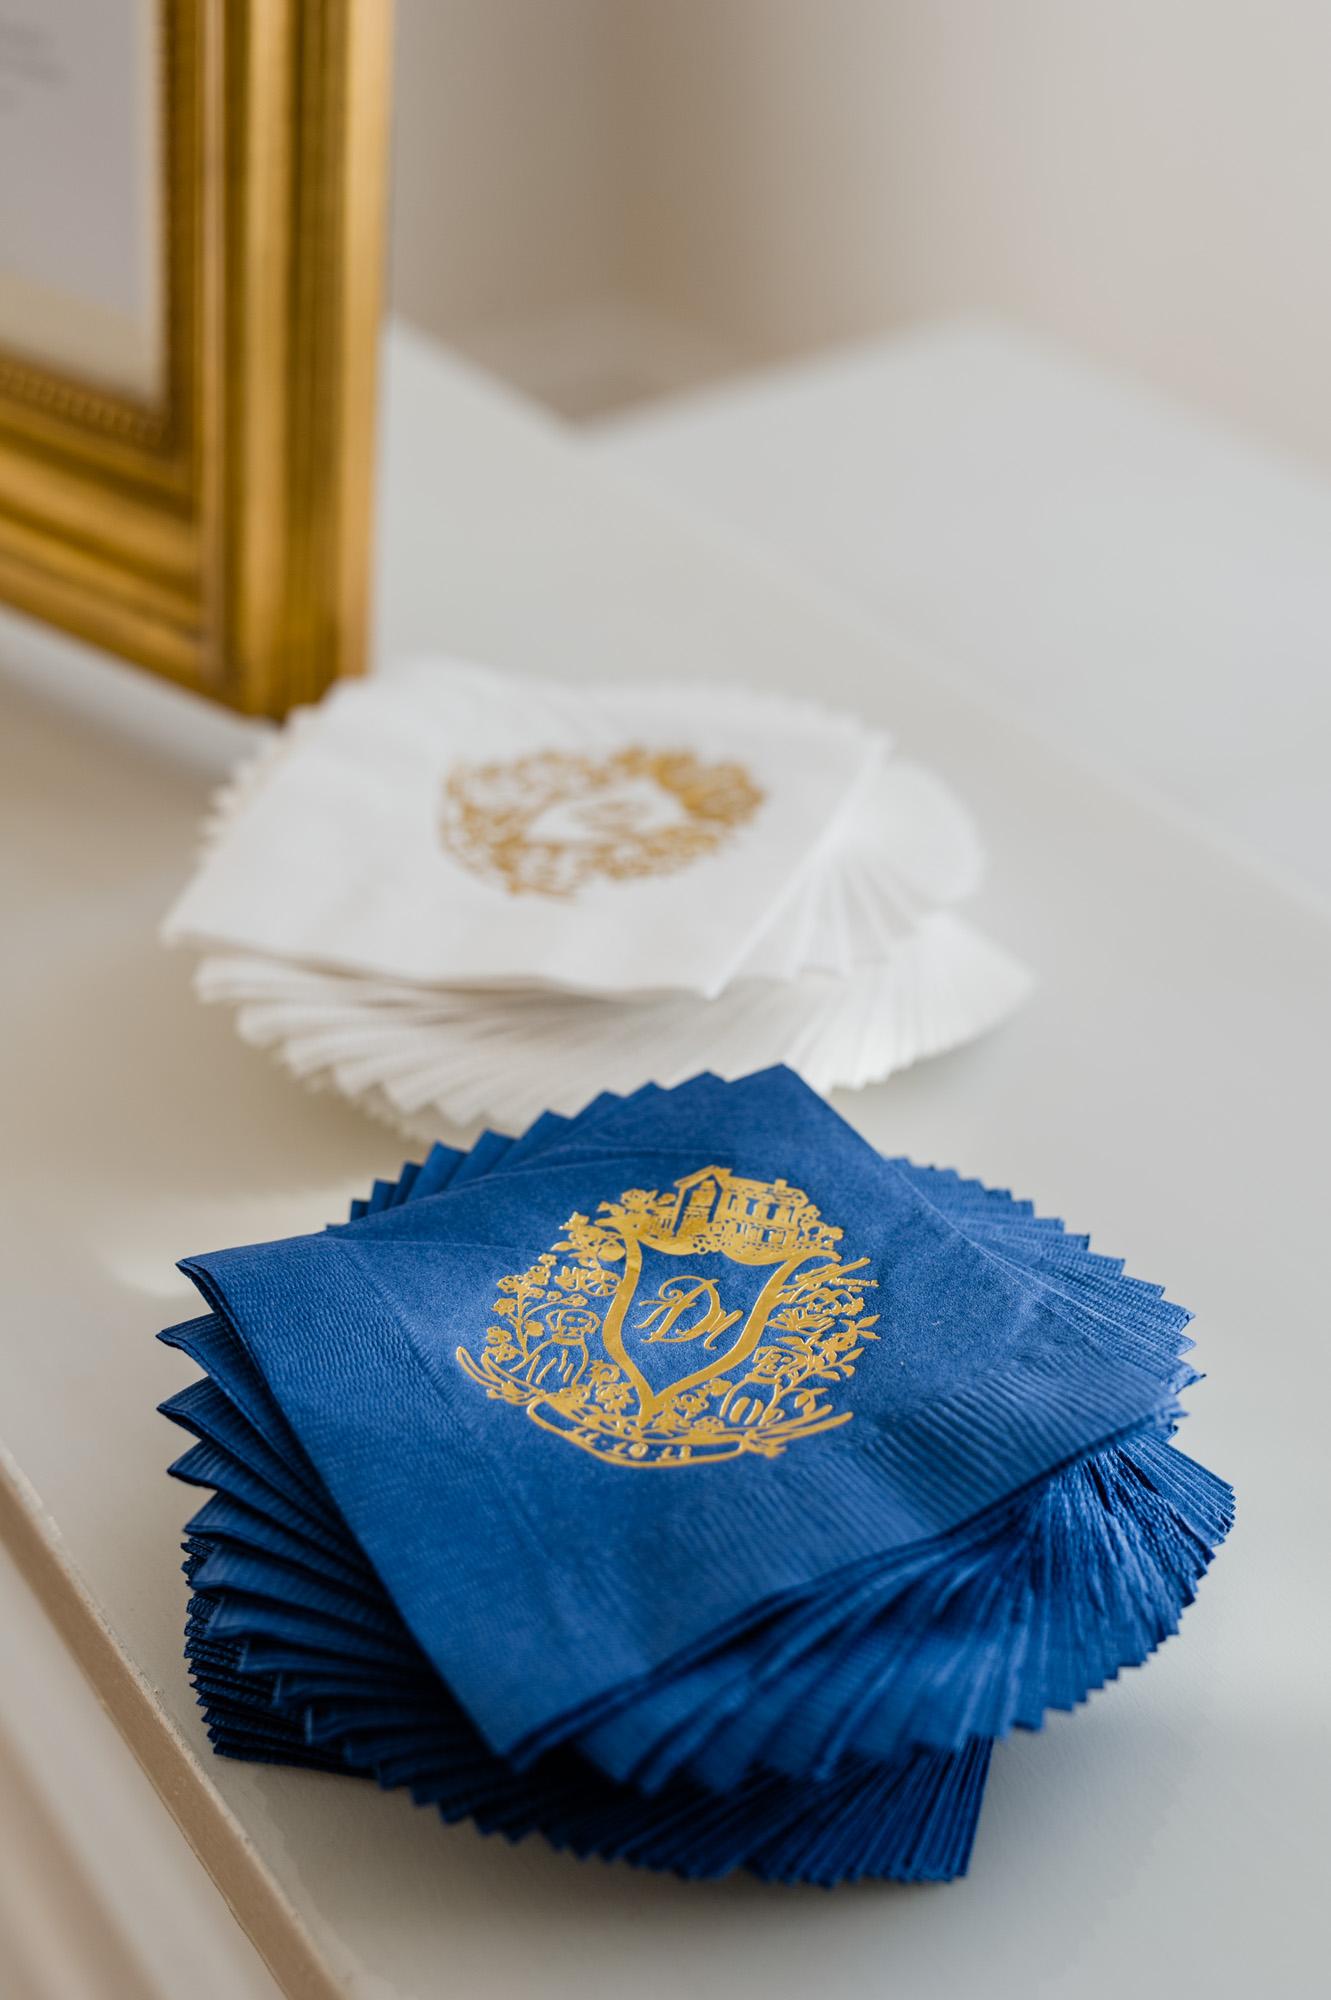 vector crest, gold foil